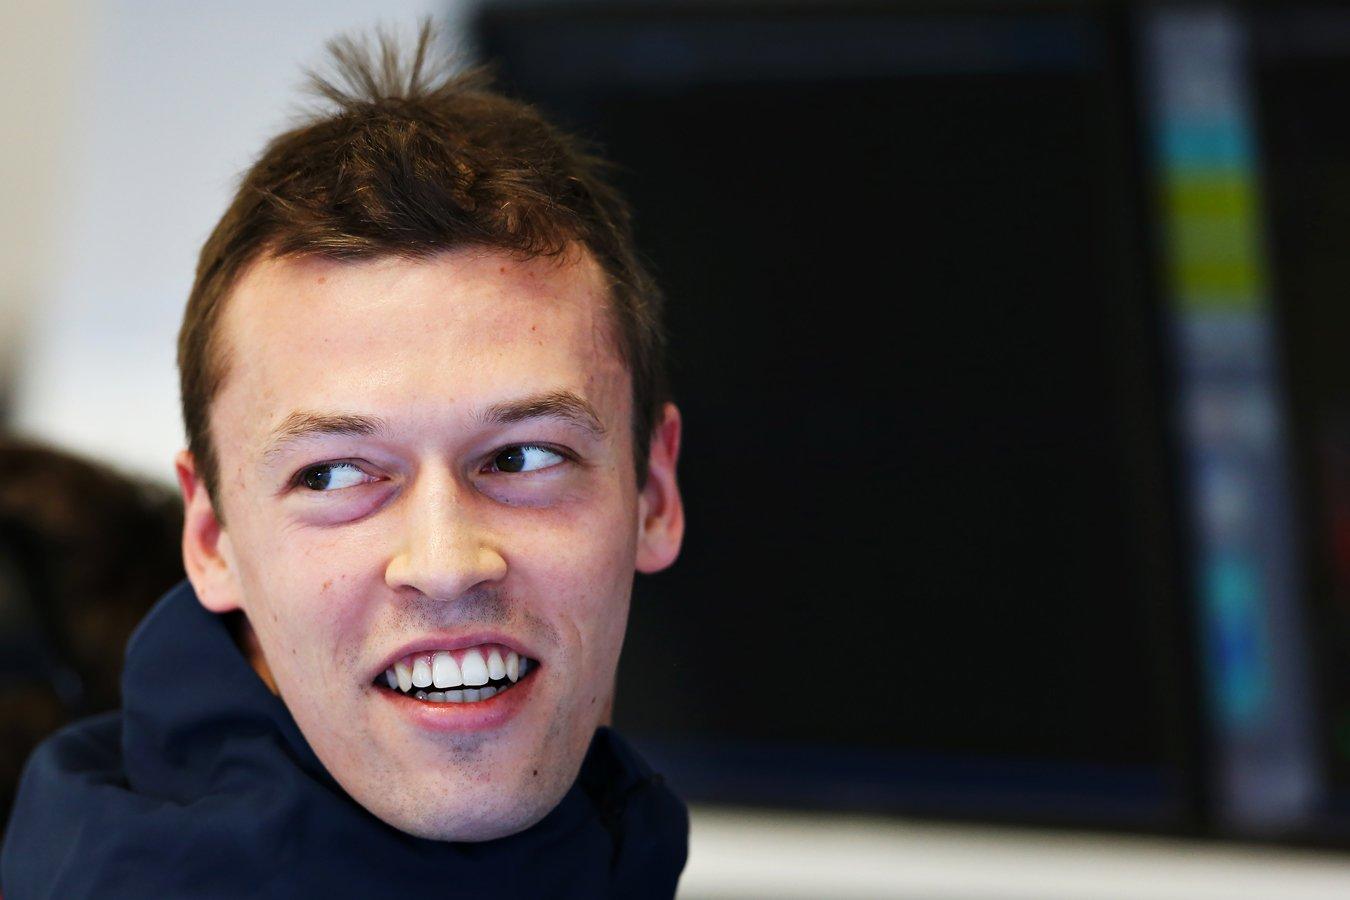 Даниил Квят: у меня есть много предложений, хочу оказаться в Формуле-1 в следующем году